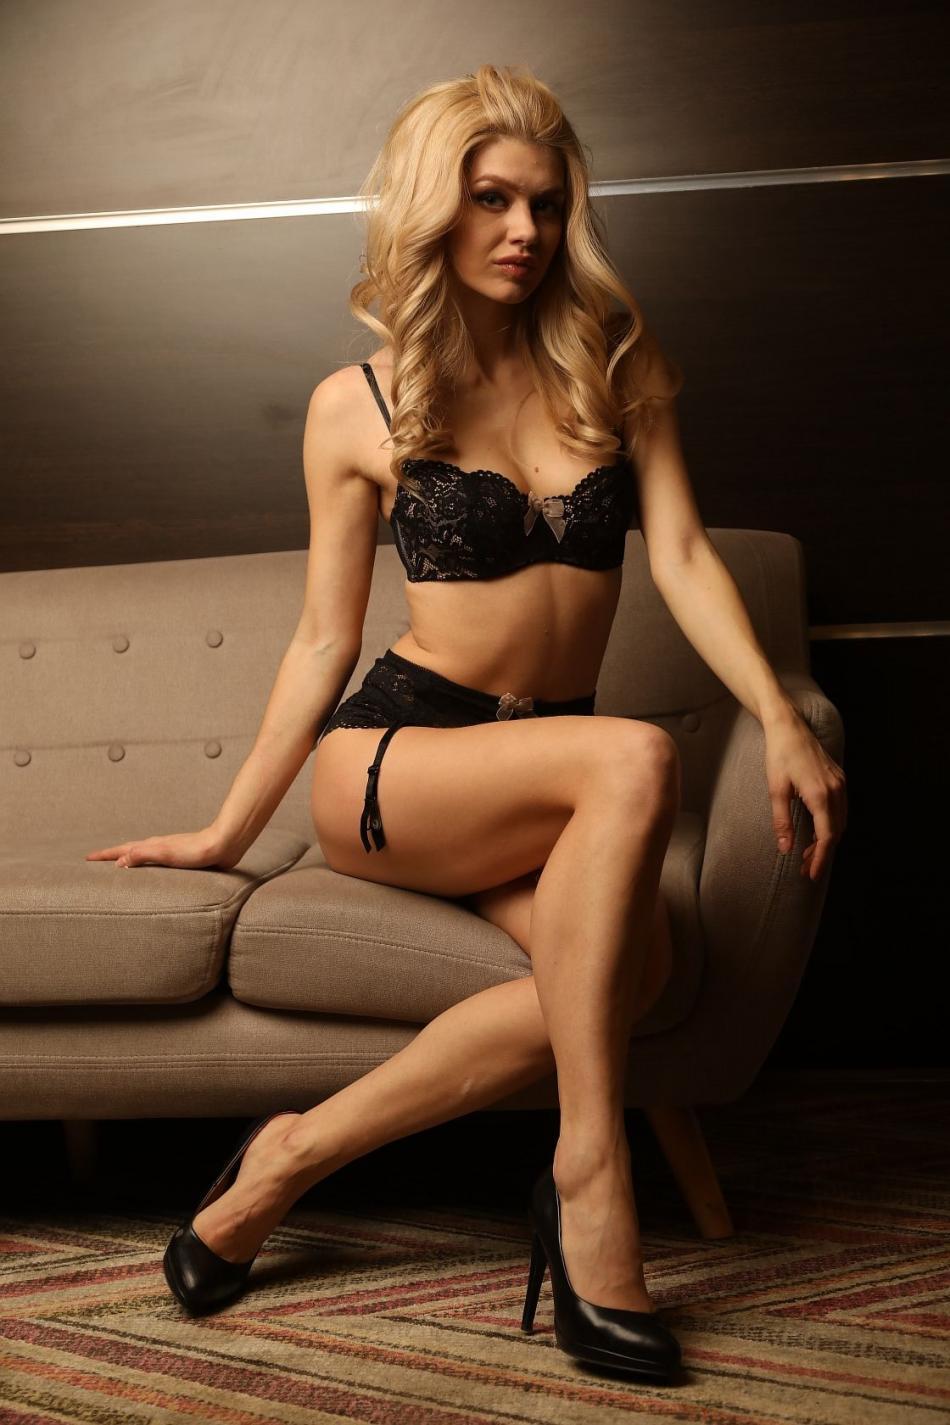 Ladyfordaddy.com Mia Escort Girl In New York 7700921 - 2 2